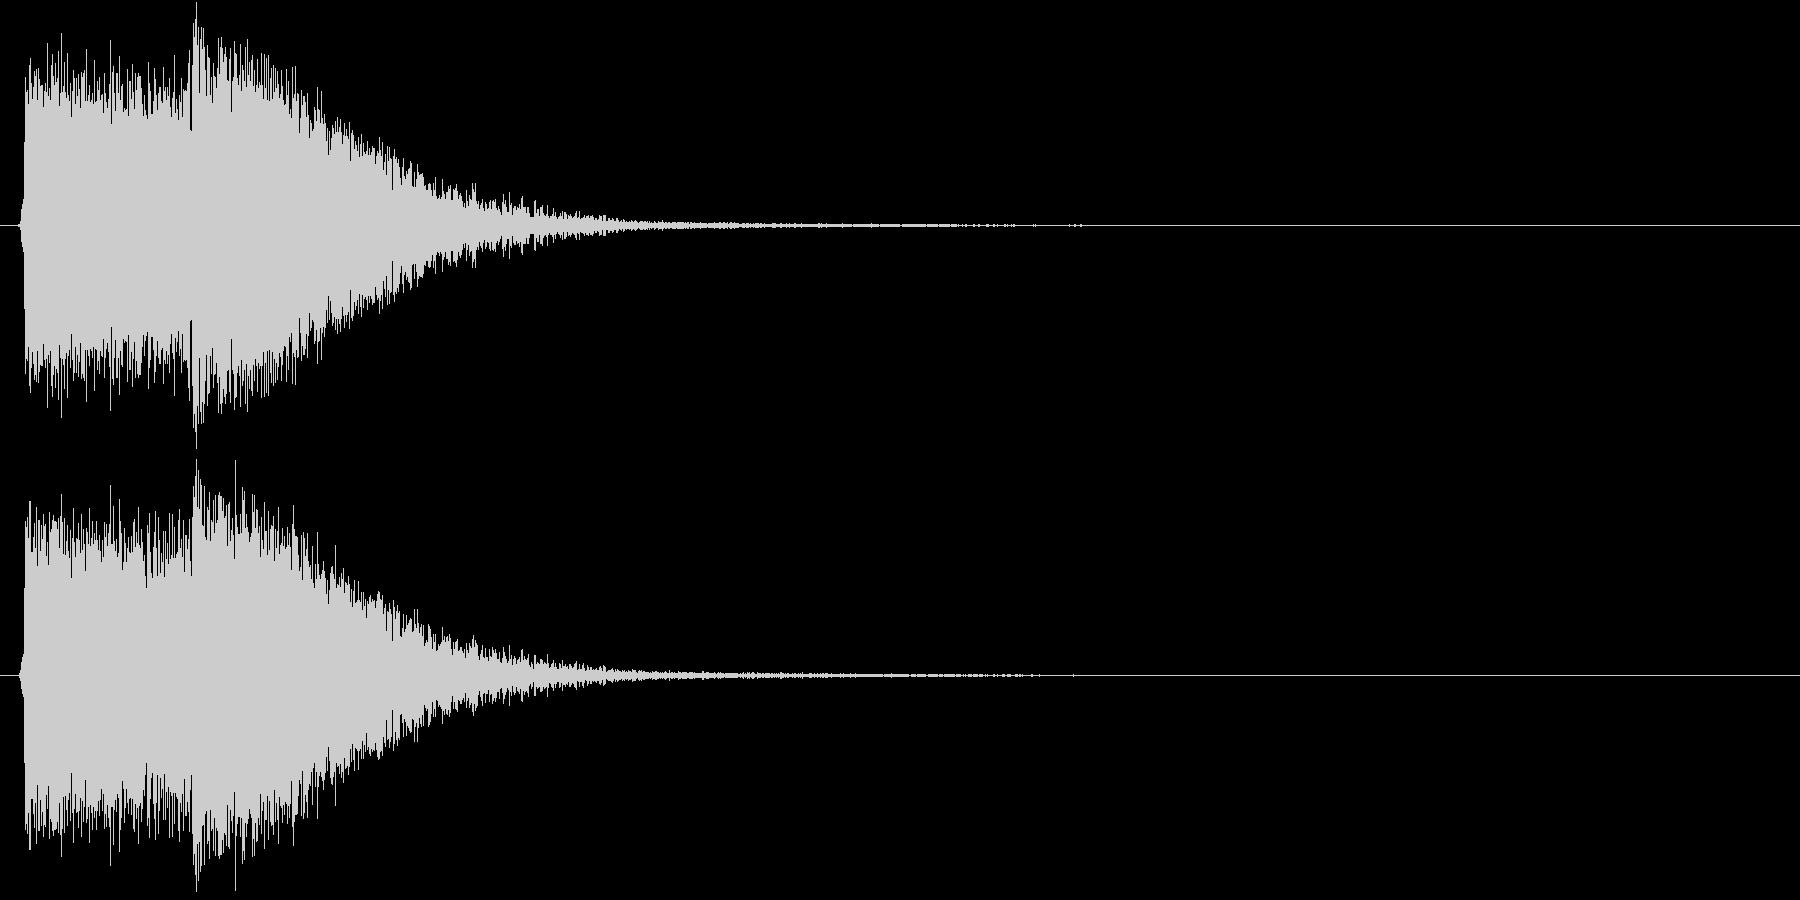 デデデン(出題前によく流れる効果音)の未再生の波形